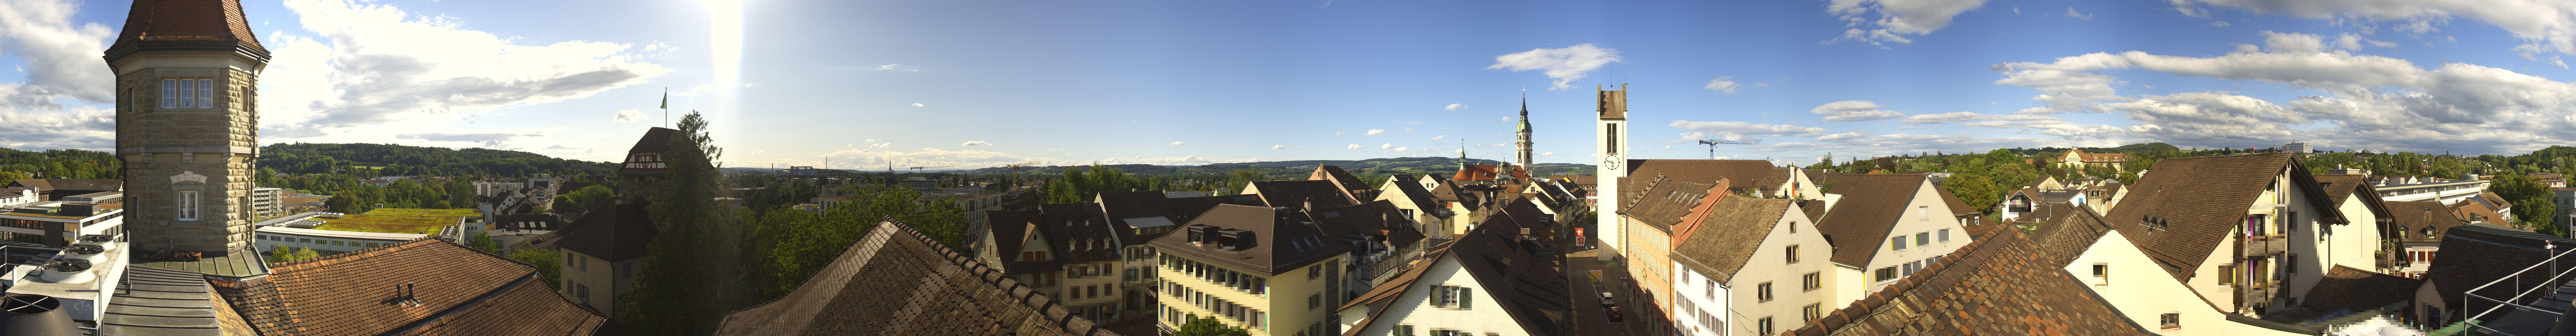 Frauenfeld: Stadt - ° Panorama